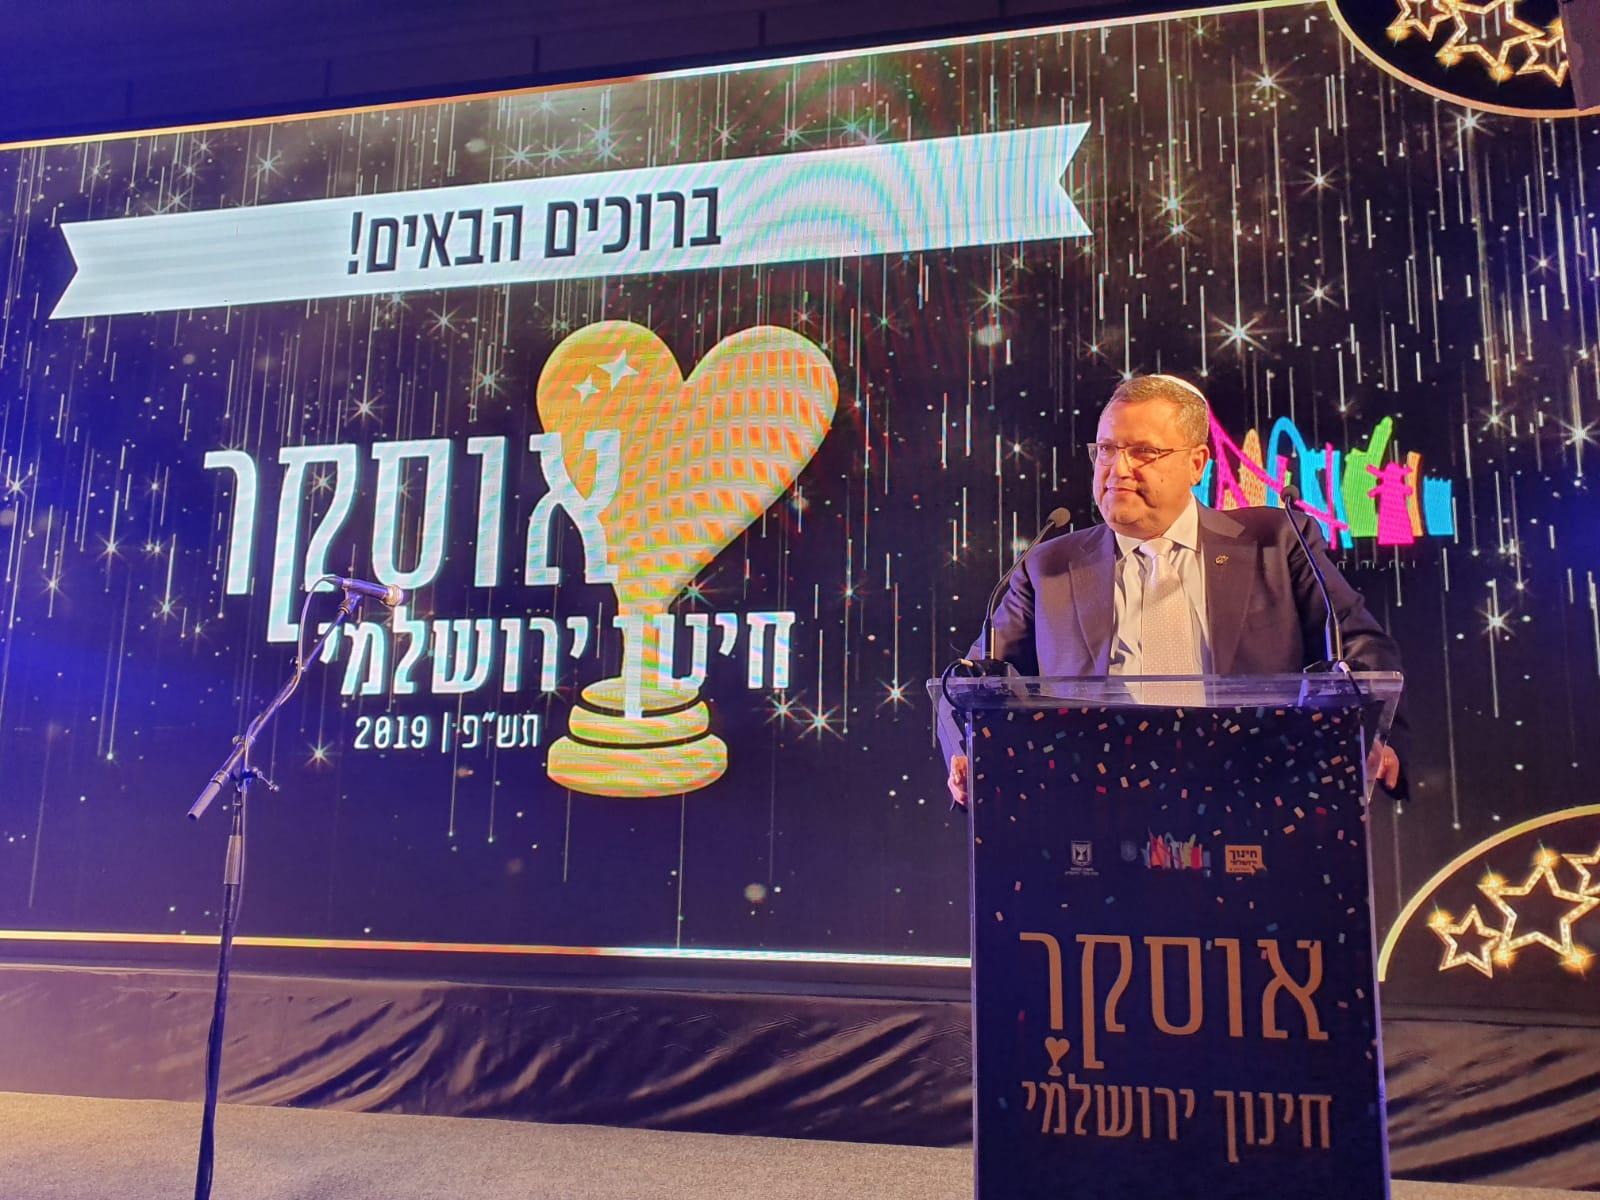 טקס האוסקר בחינוך הירושלמי (צילום: עיריית ירושלים)